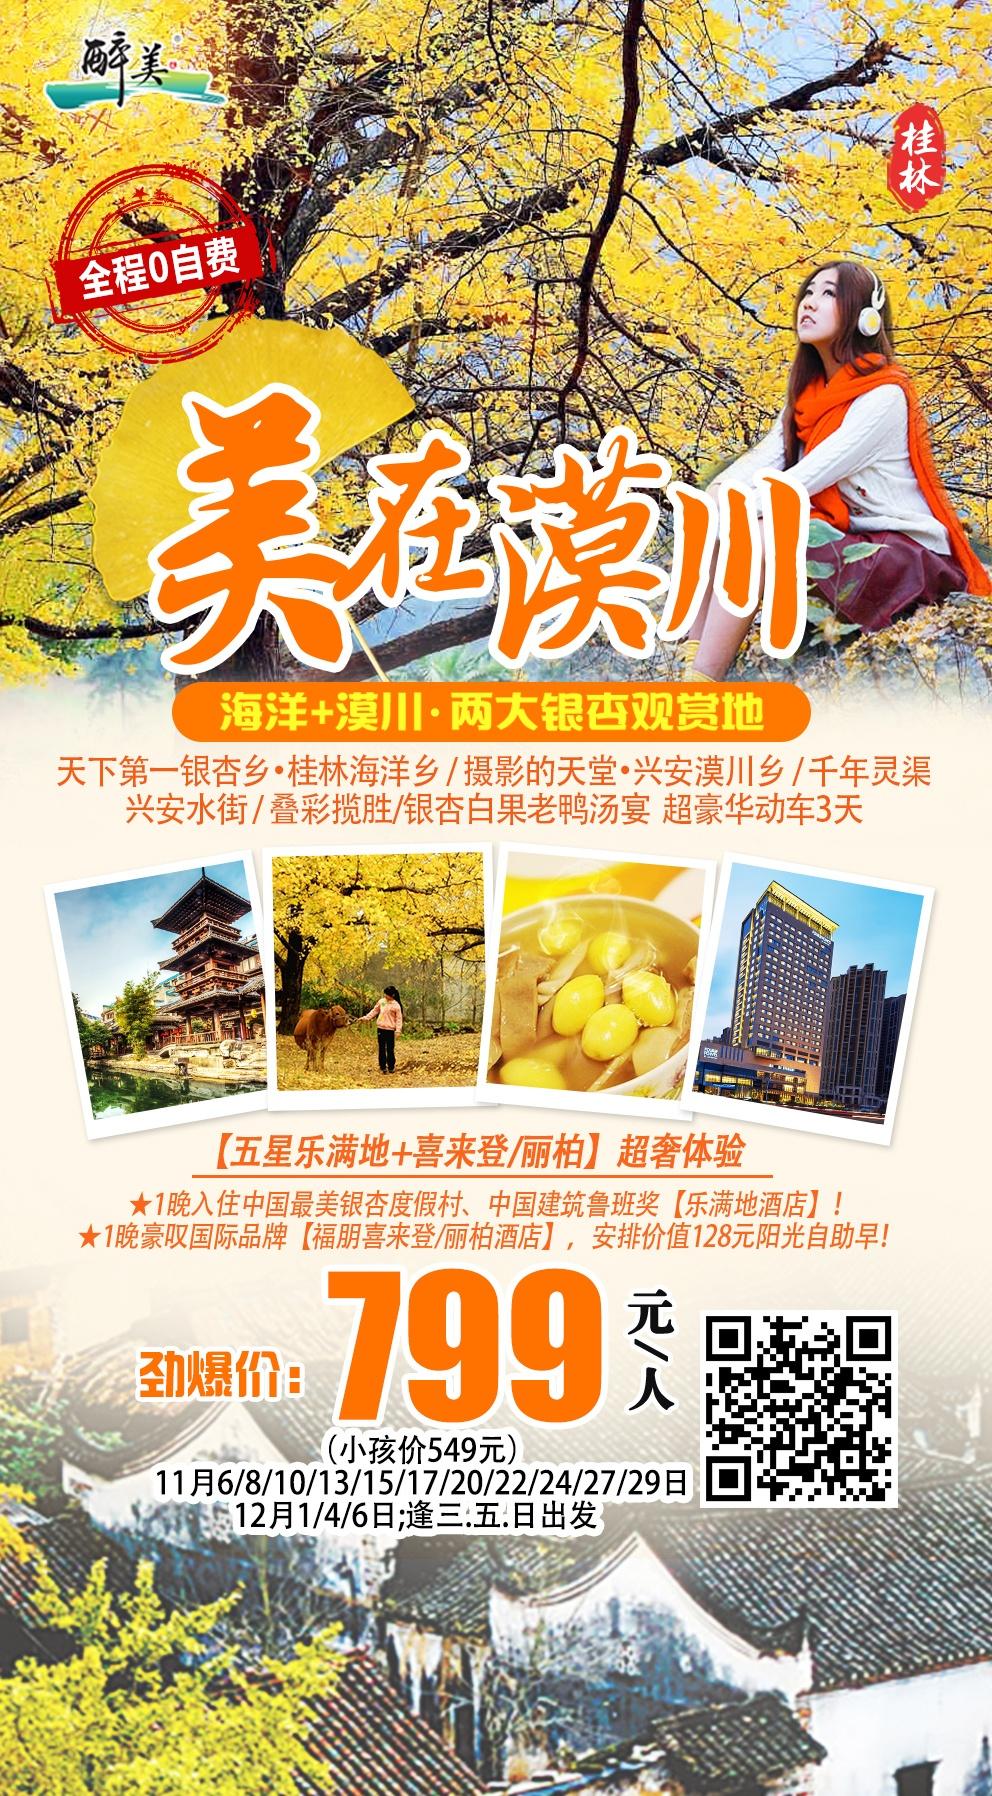 桂林假期劉曉燕18613168065.jpg